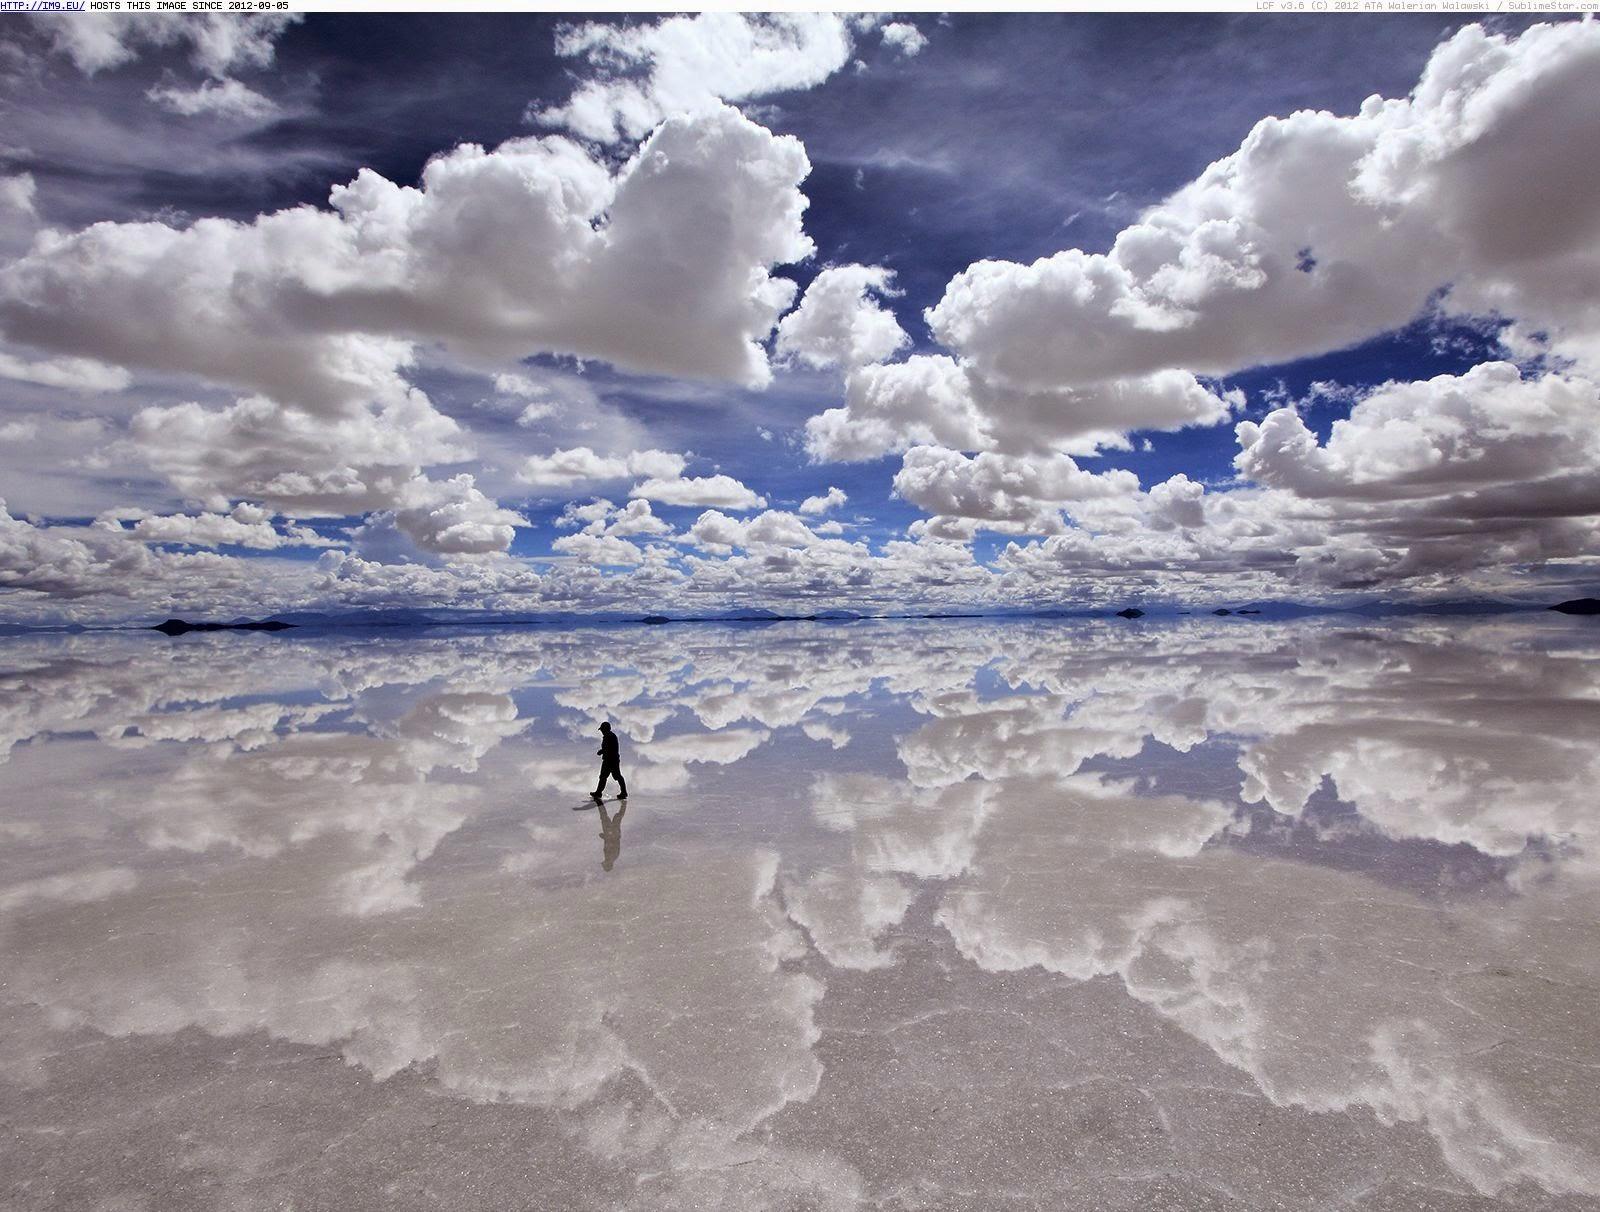 10 tempat teraneh di dunia cerita misteri rh duniaarwah blogspot com